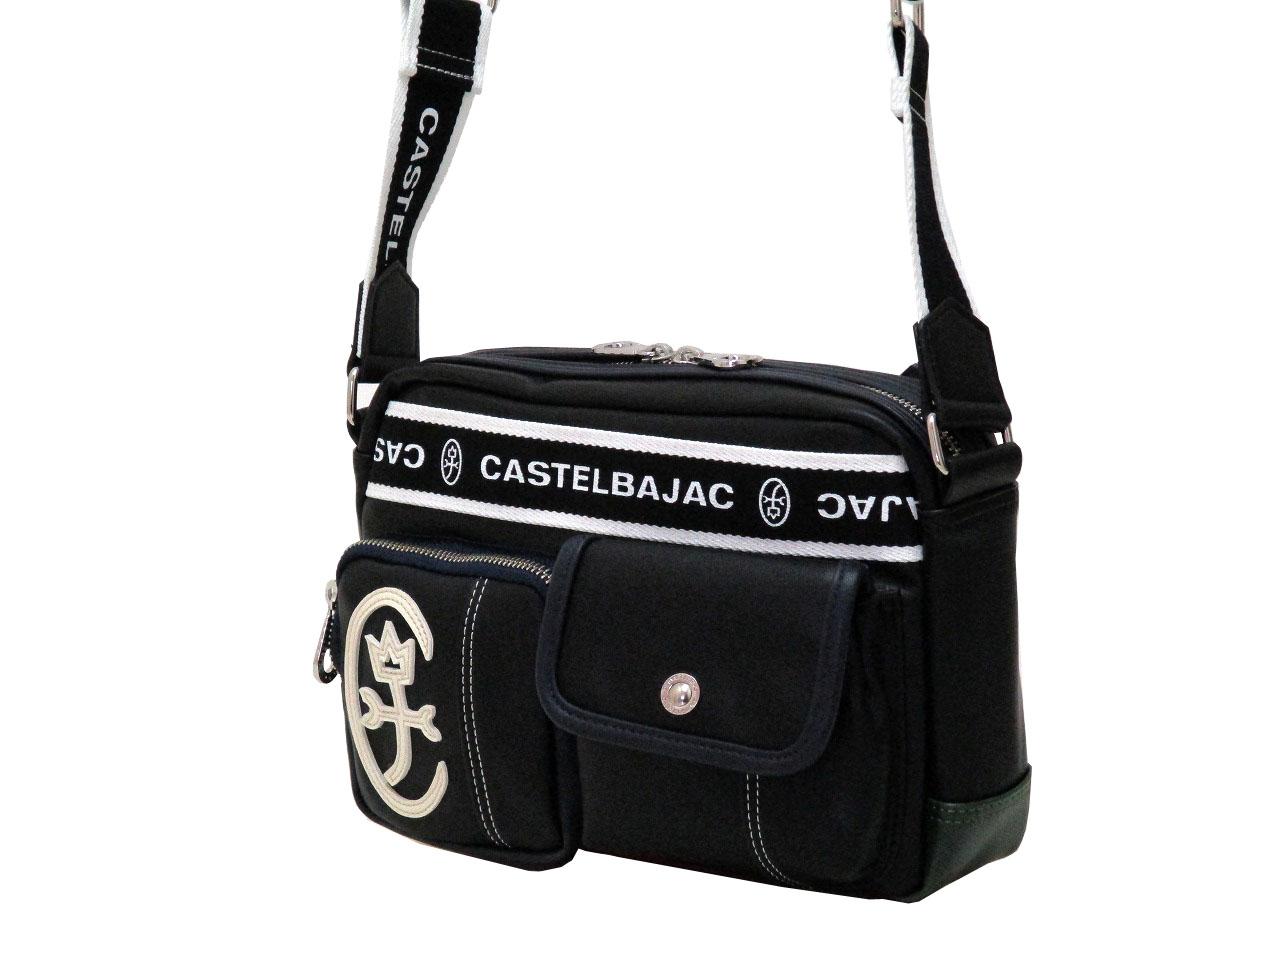 CASTELBAJAC カステルバジャック 驚きの値段 ドミネ ショルダーバッグ 横型 おすすめ 024111